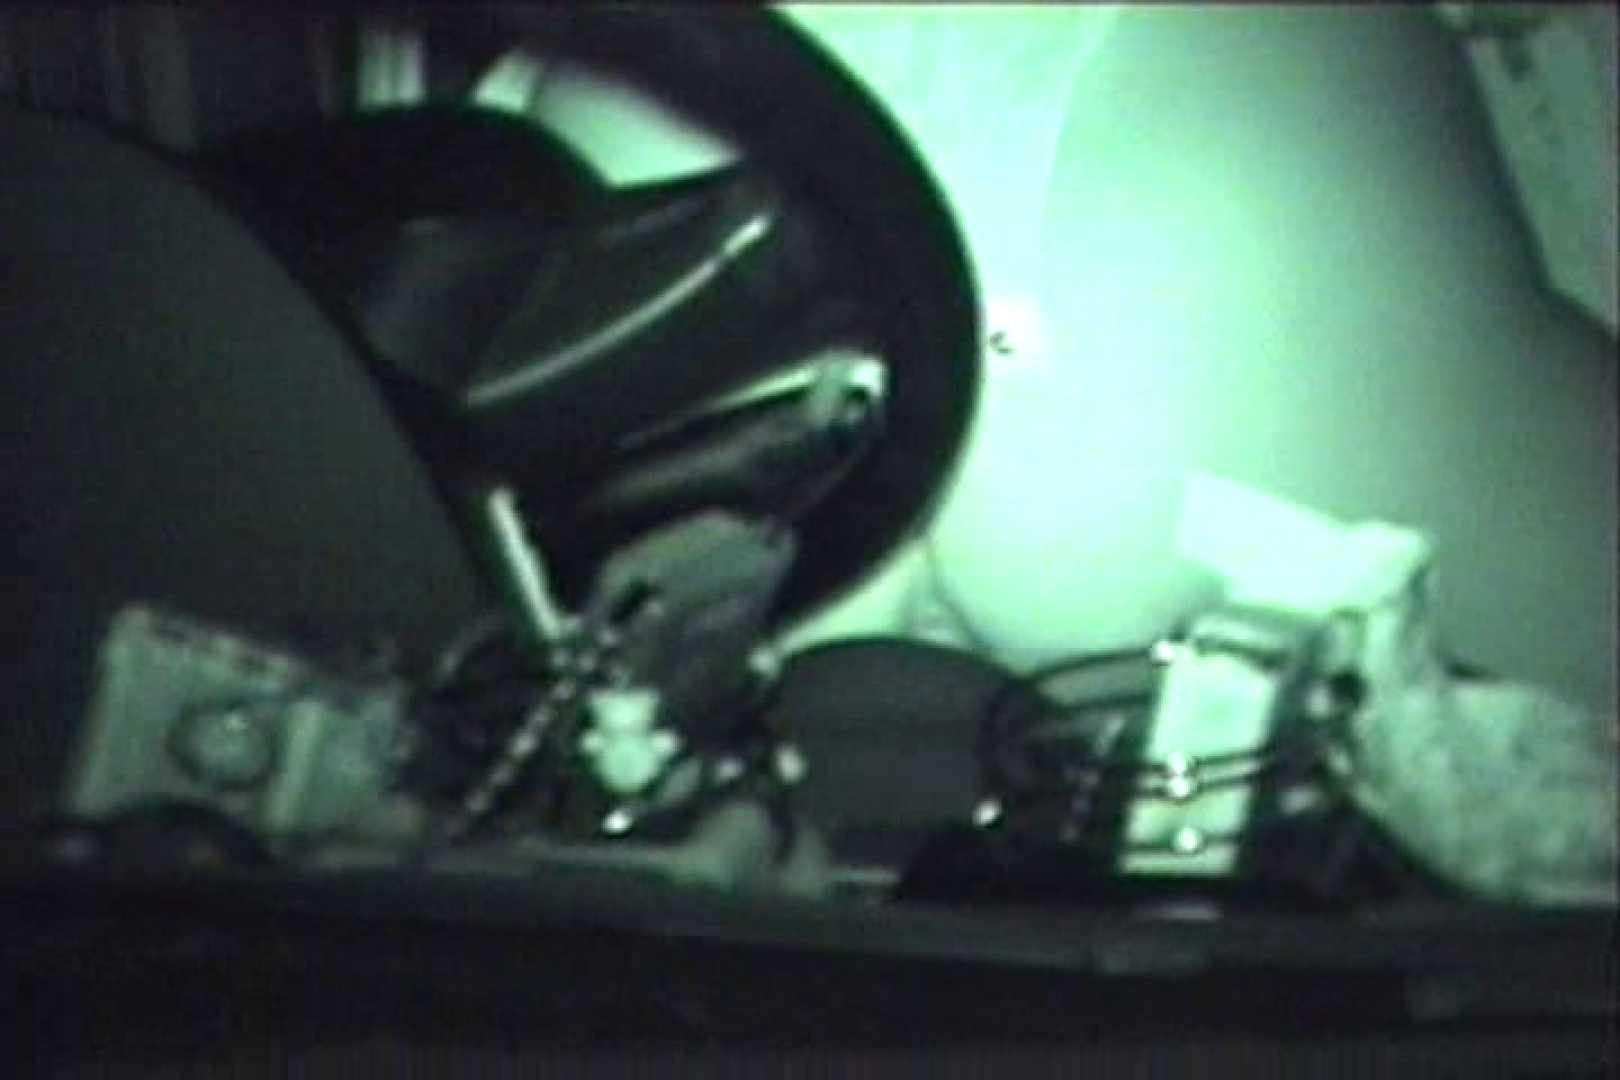 車の中はラブホテル 無修正版  Vol.21 カップルのセックス オマンコ無修正動画無料 59PIX 51